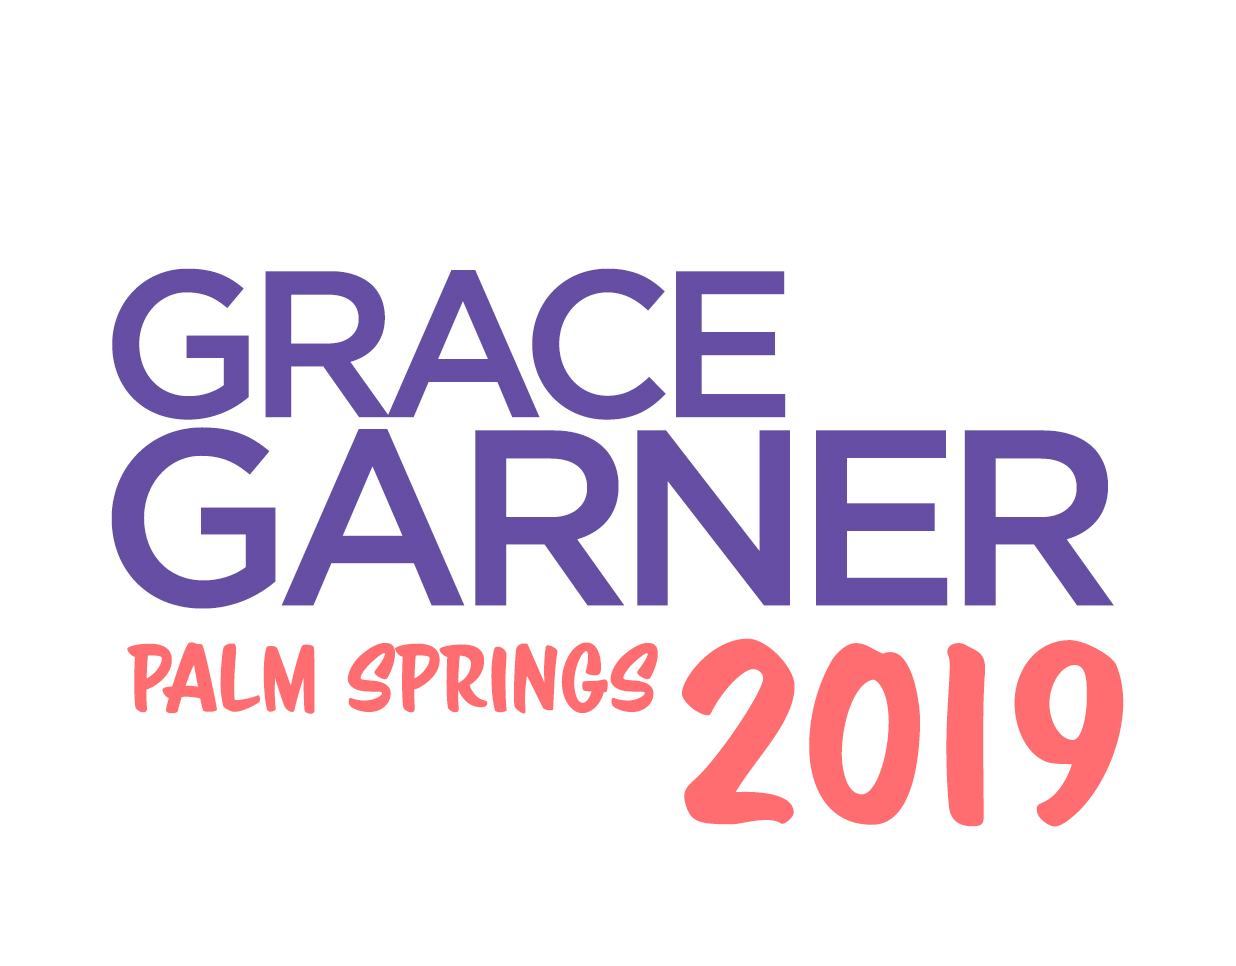 Grace Garner